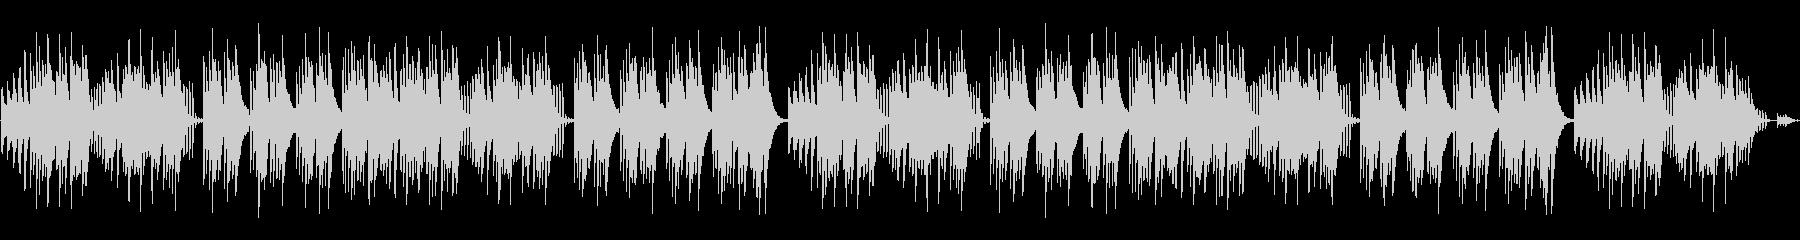 キュートでほのぼのした楽曲B:編集1の未再生の波形